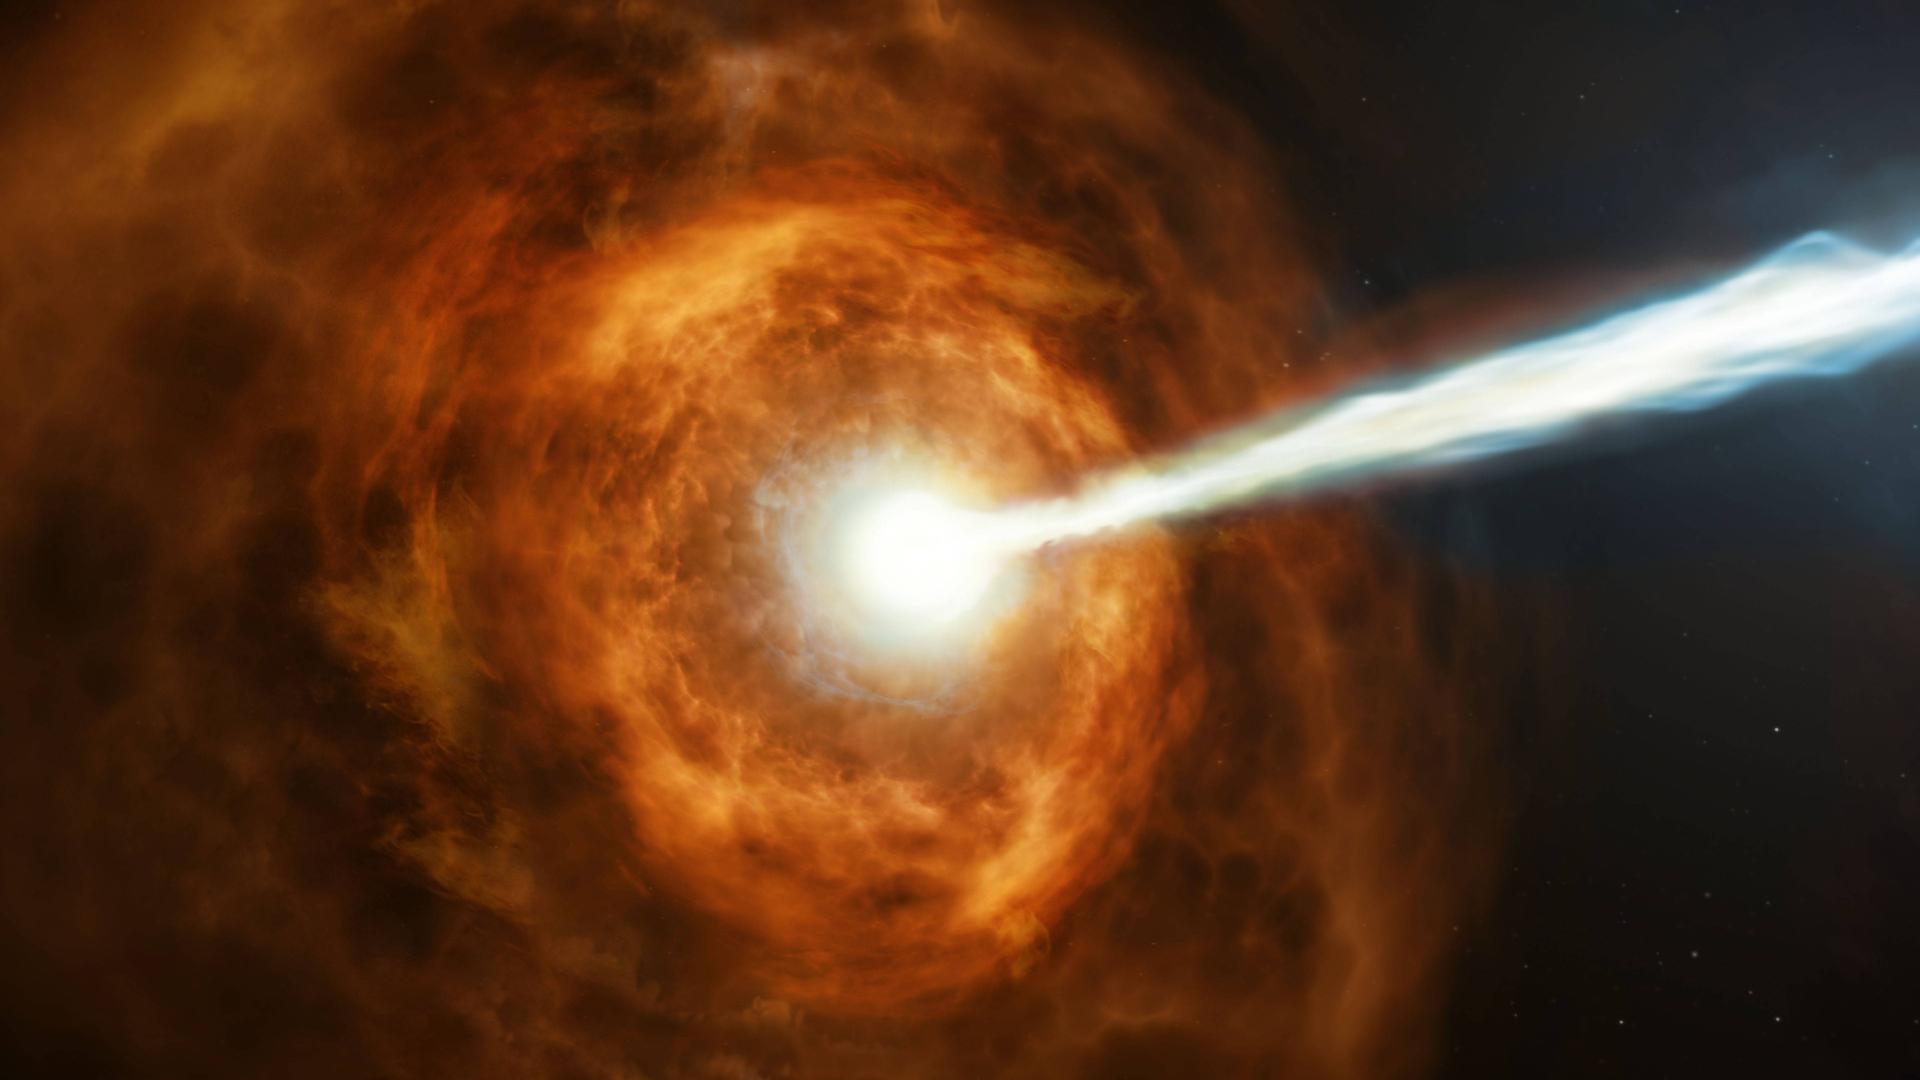 有史以来最强伽马射线暴,若击中地球人类立刻毁灭